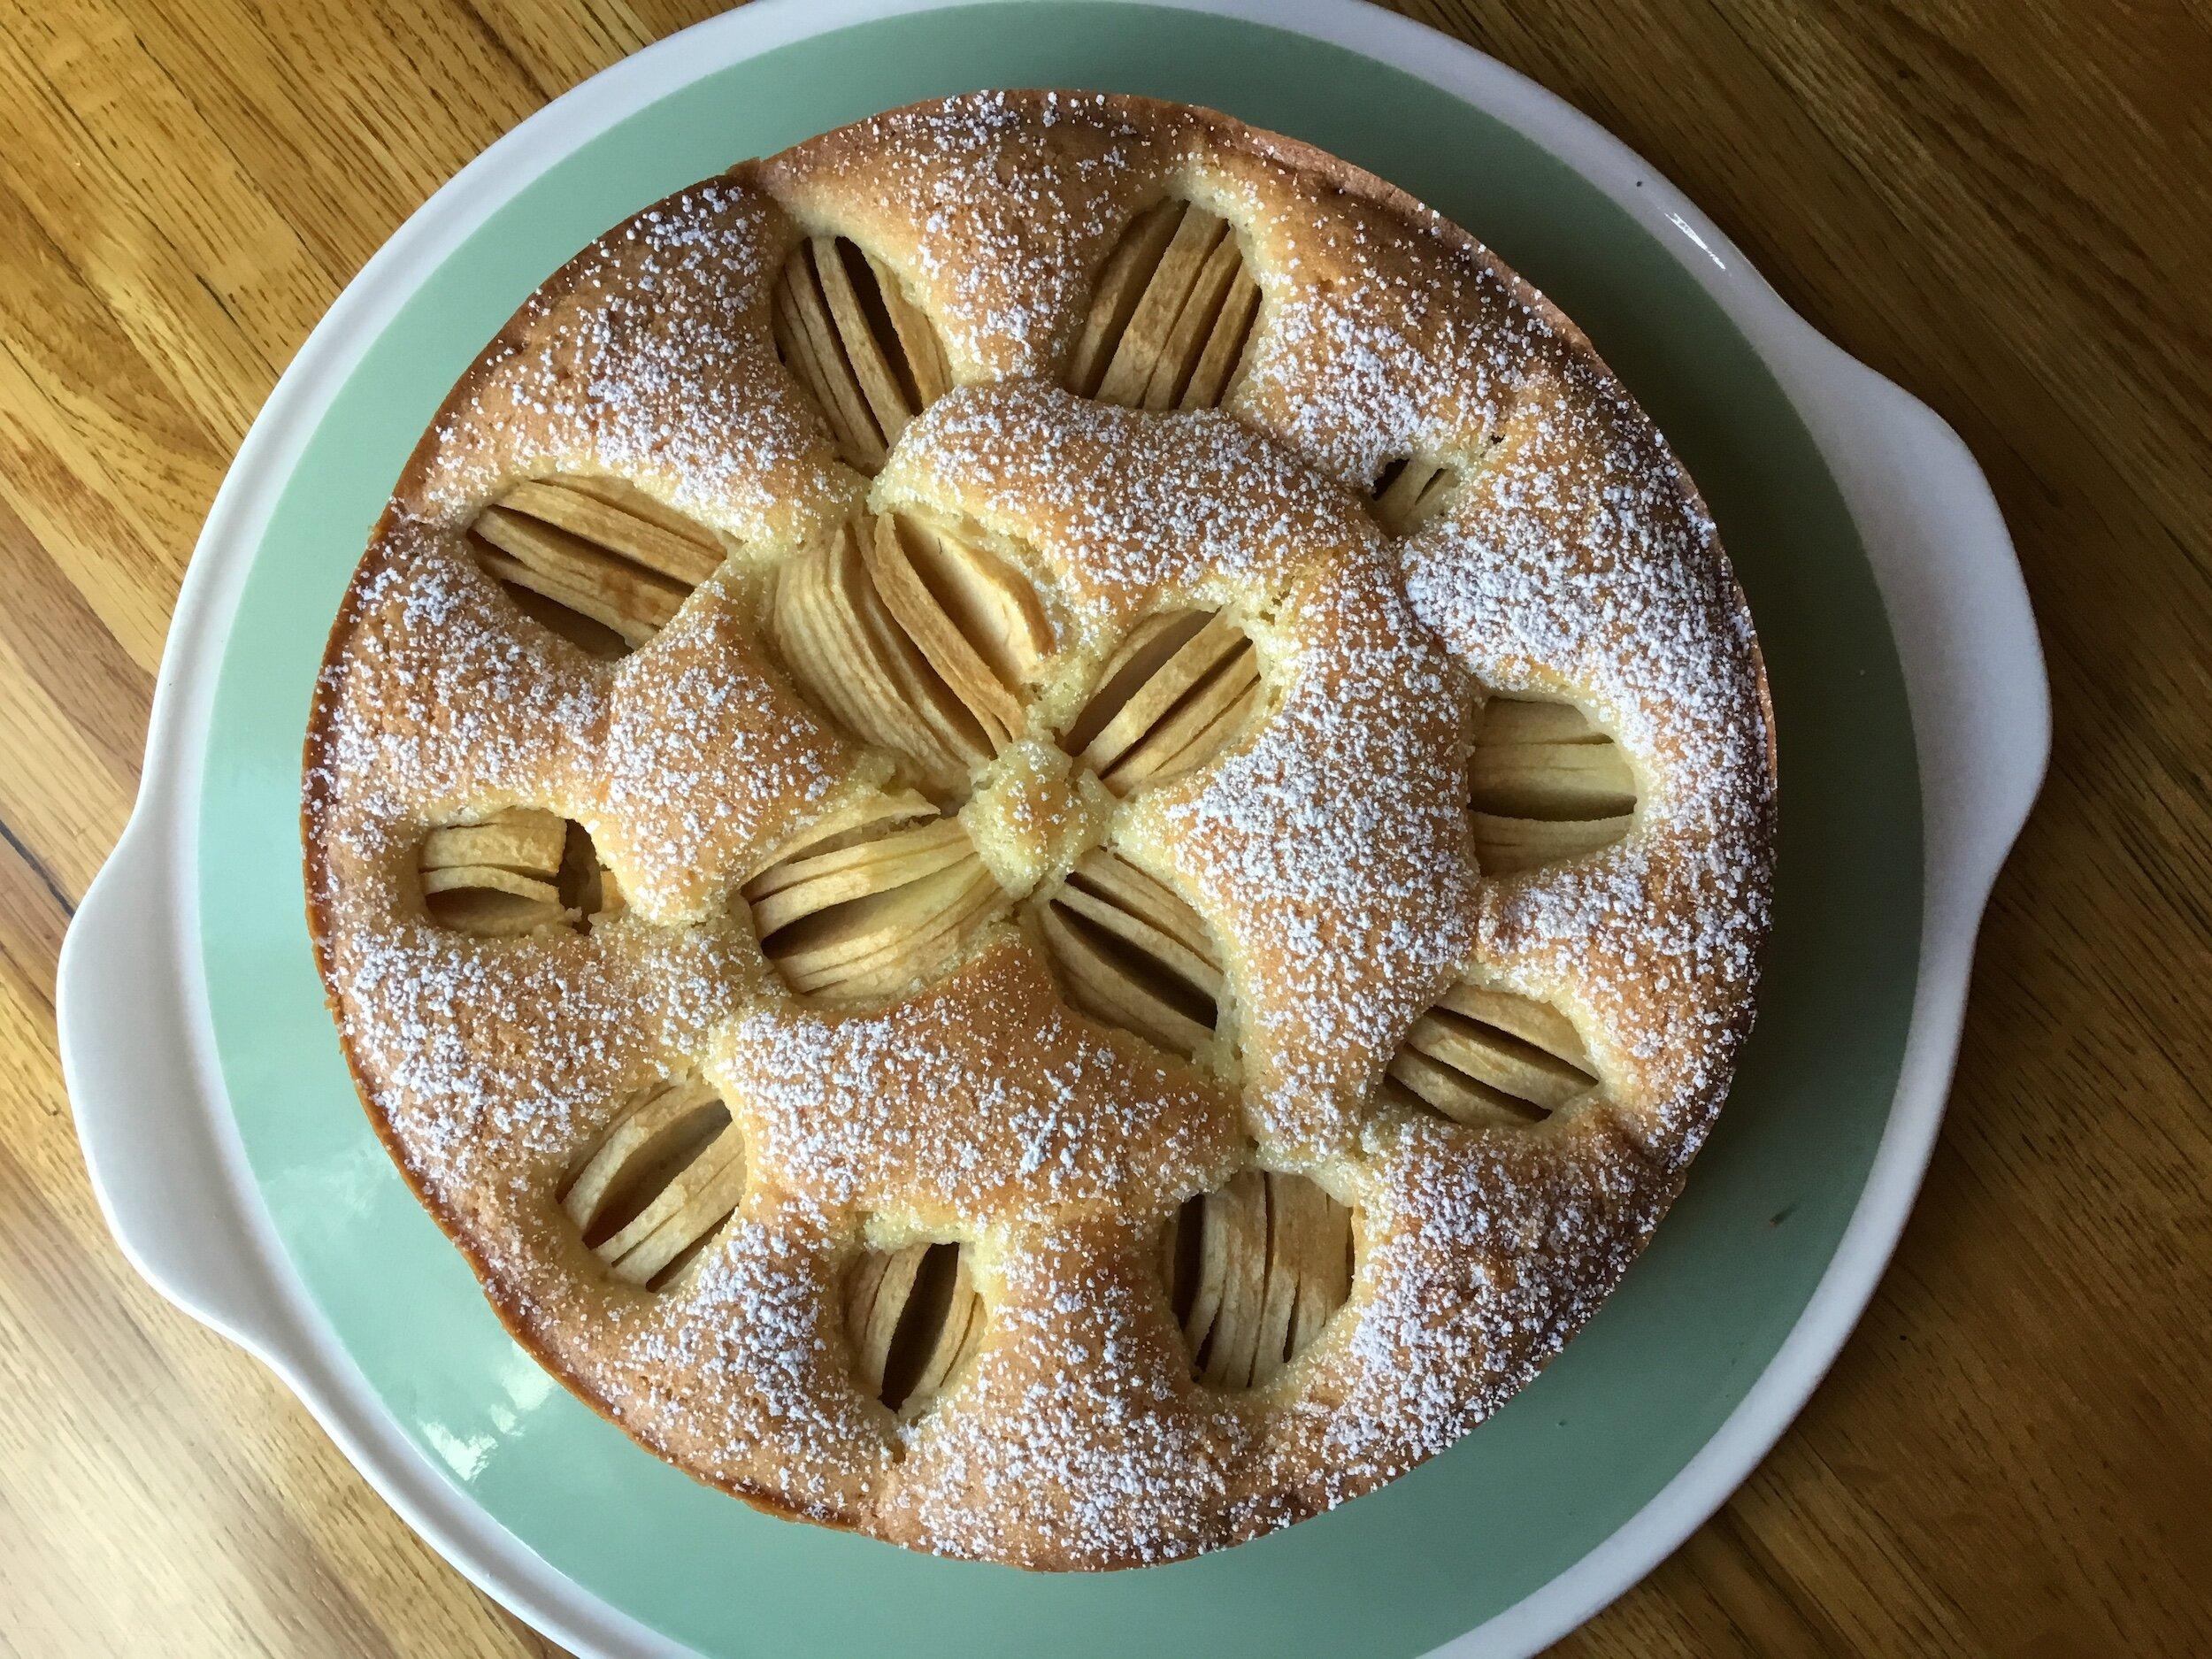 versunkener apfelkuchen german sunken apple cake